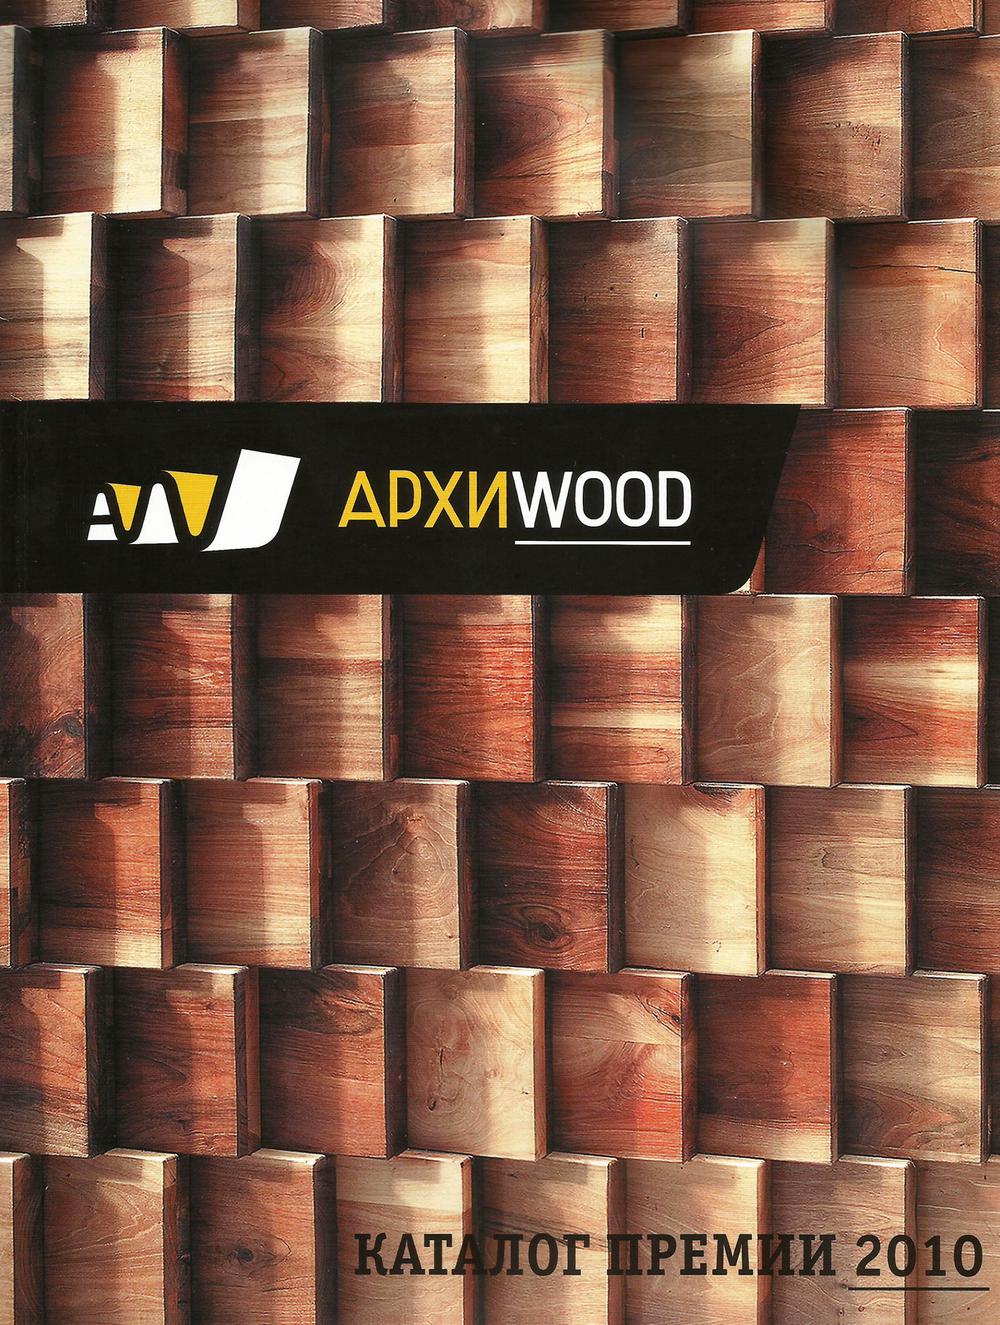 АРХИWOOD 2010.jpg